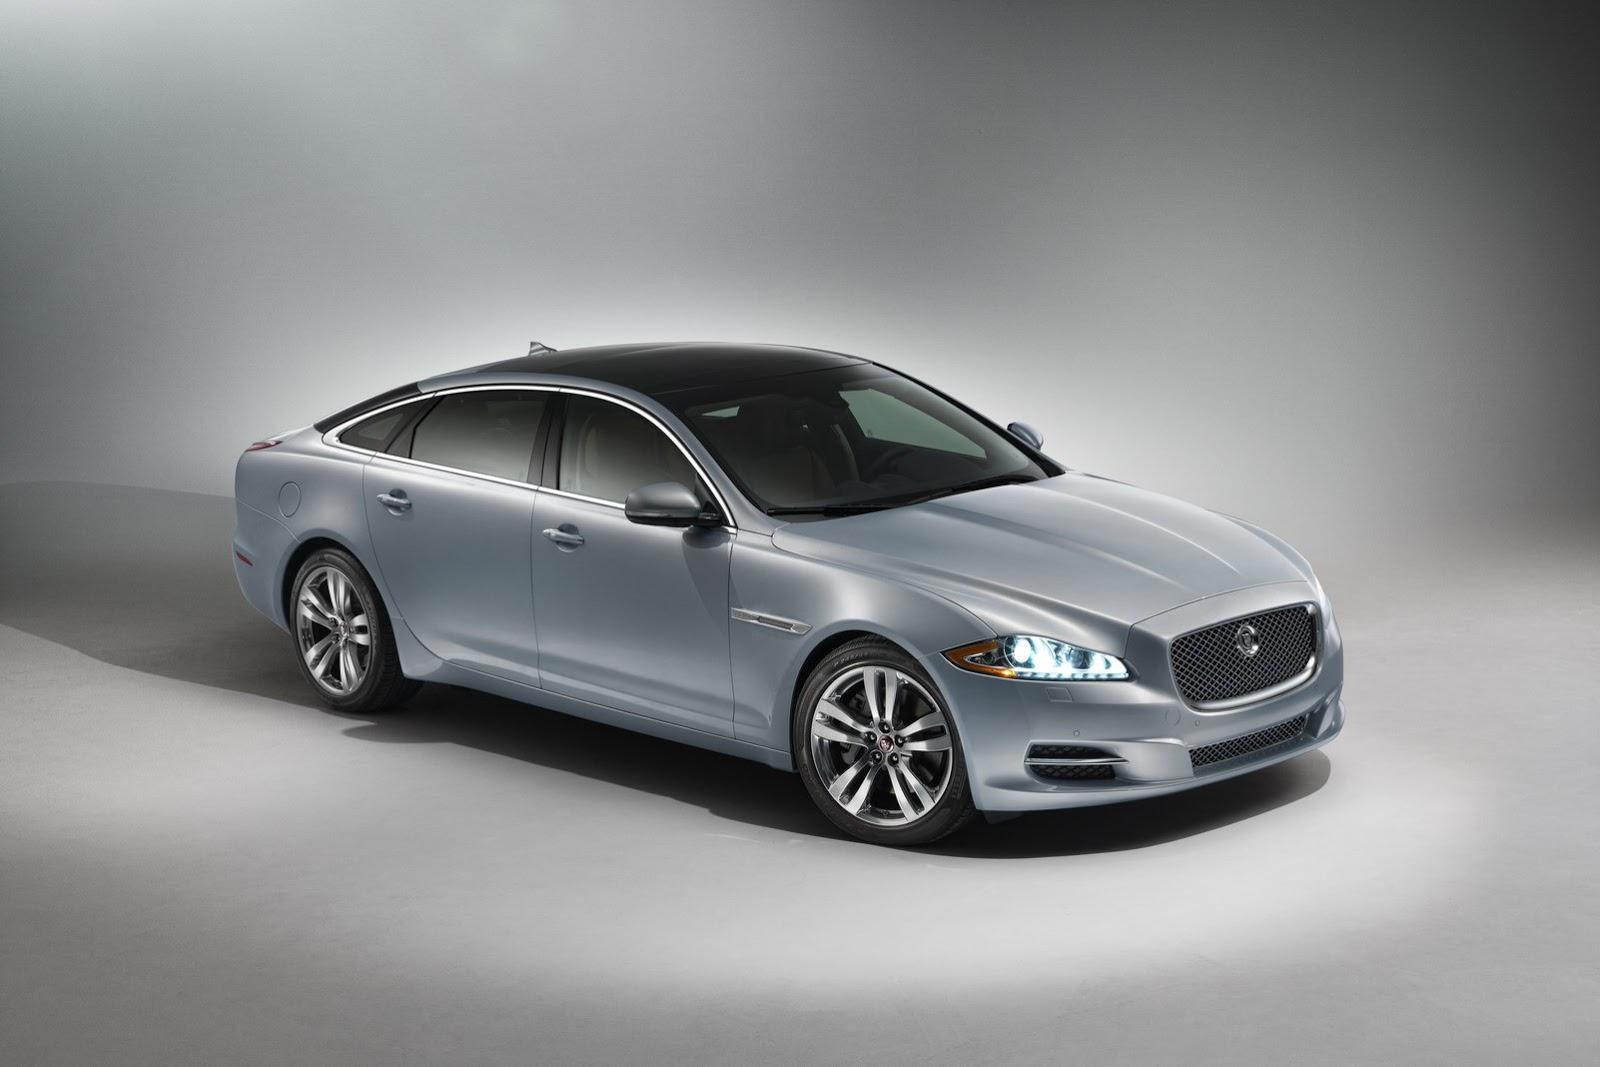 2014-Jaguar-XJ-1%25255B2%25255D.jpg